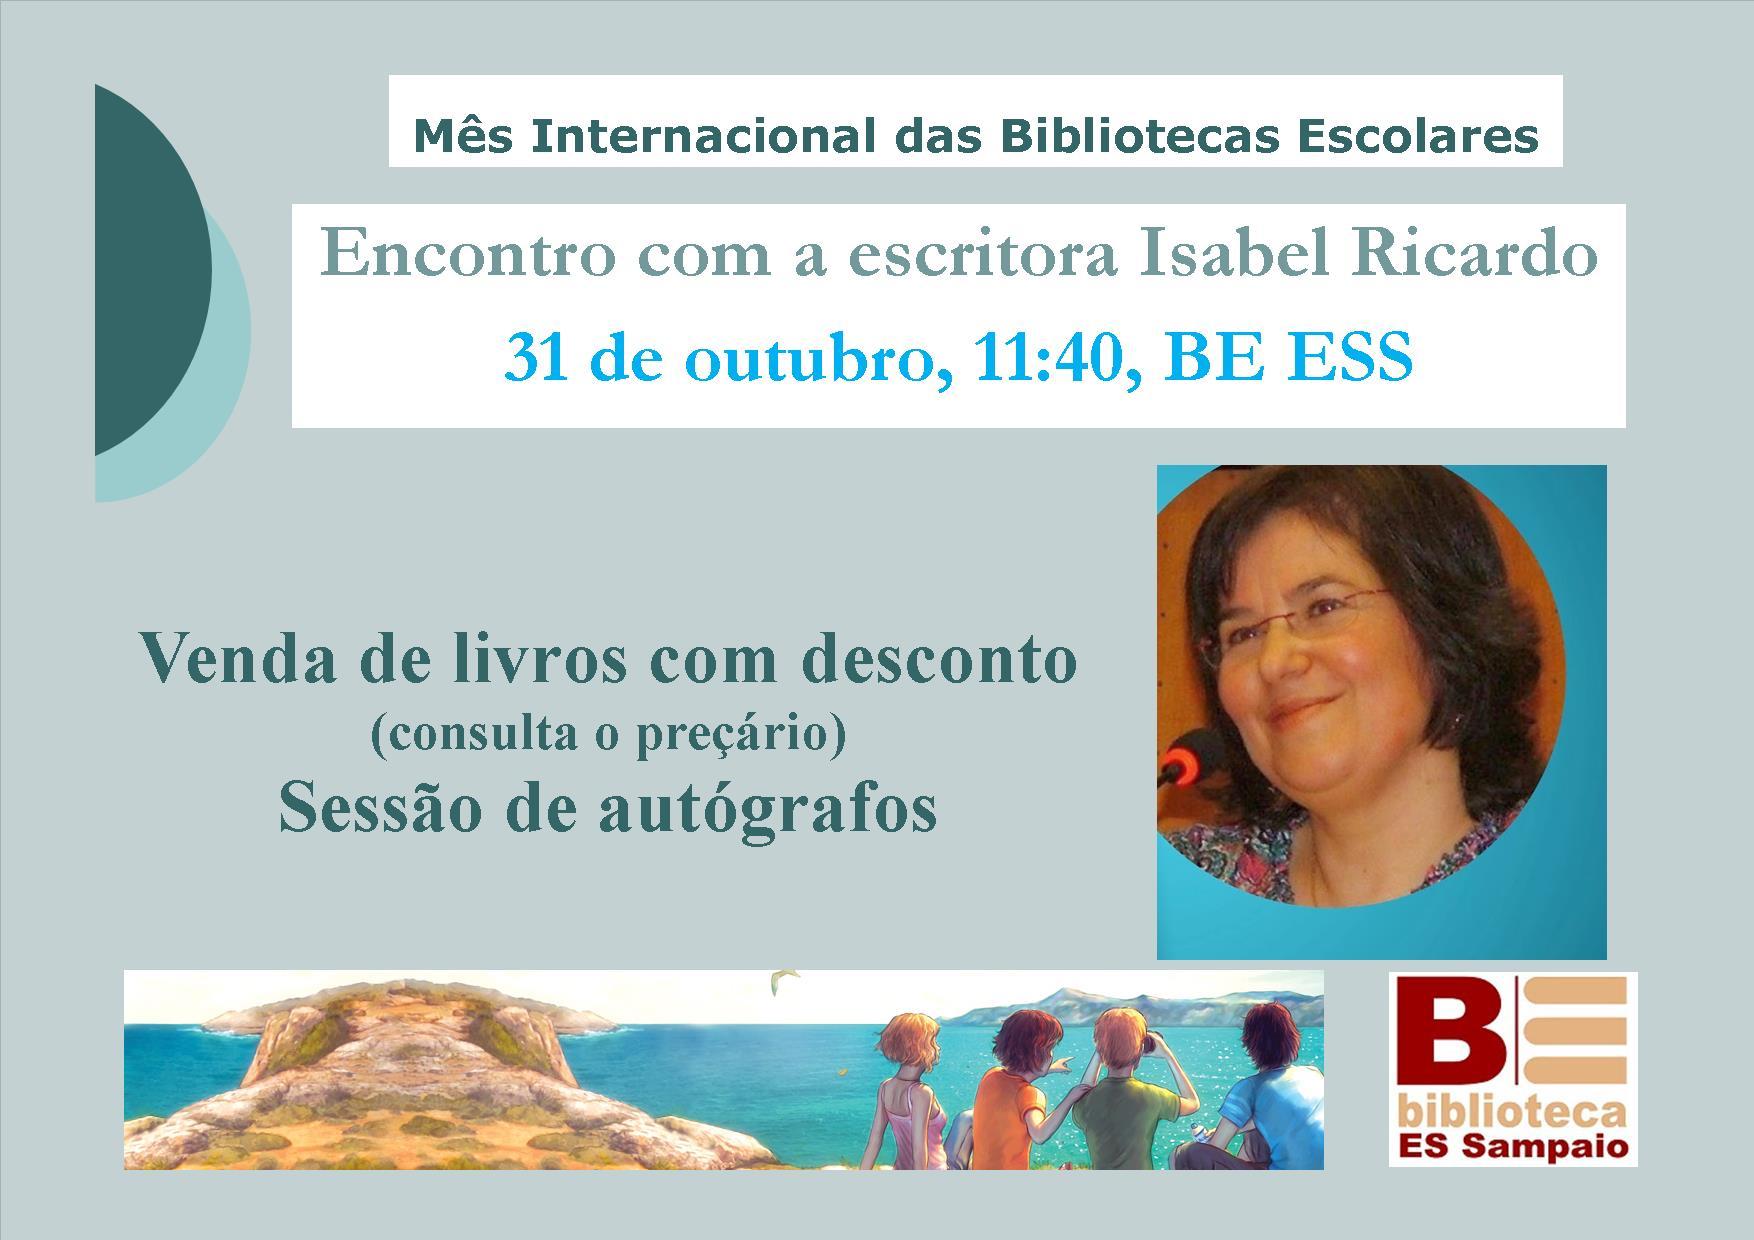 Encontro com Isabel Ricardo, 31/10/16 nas BE